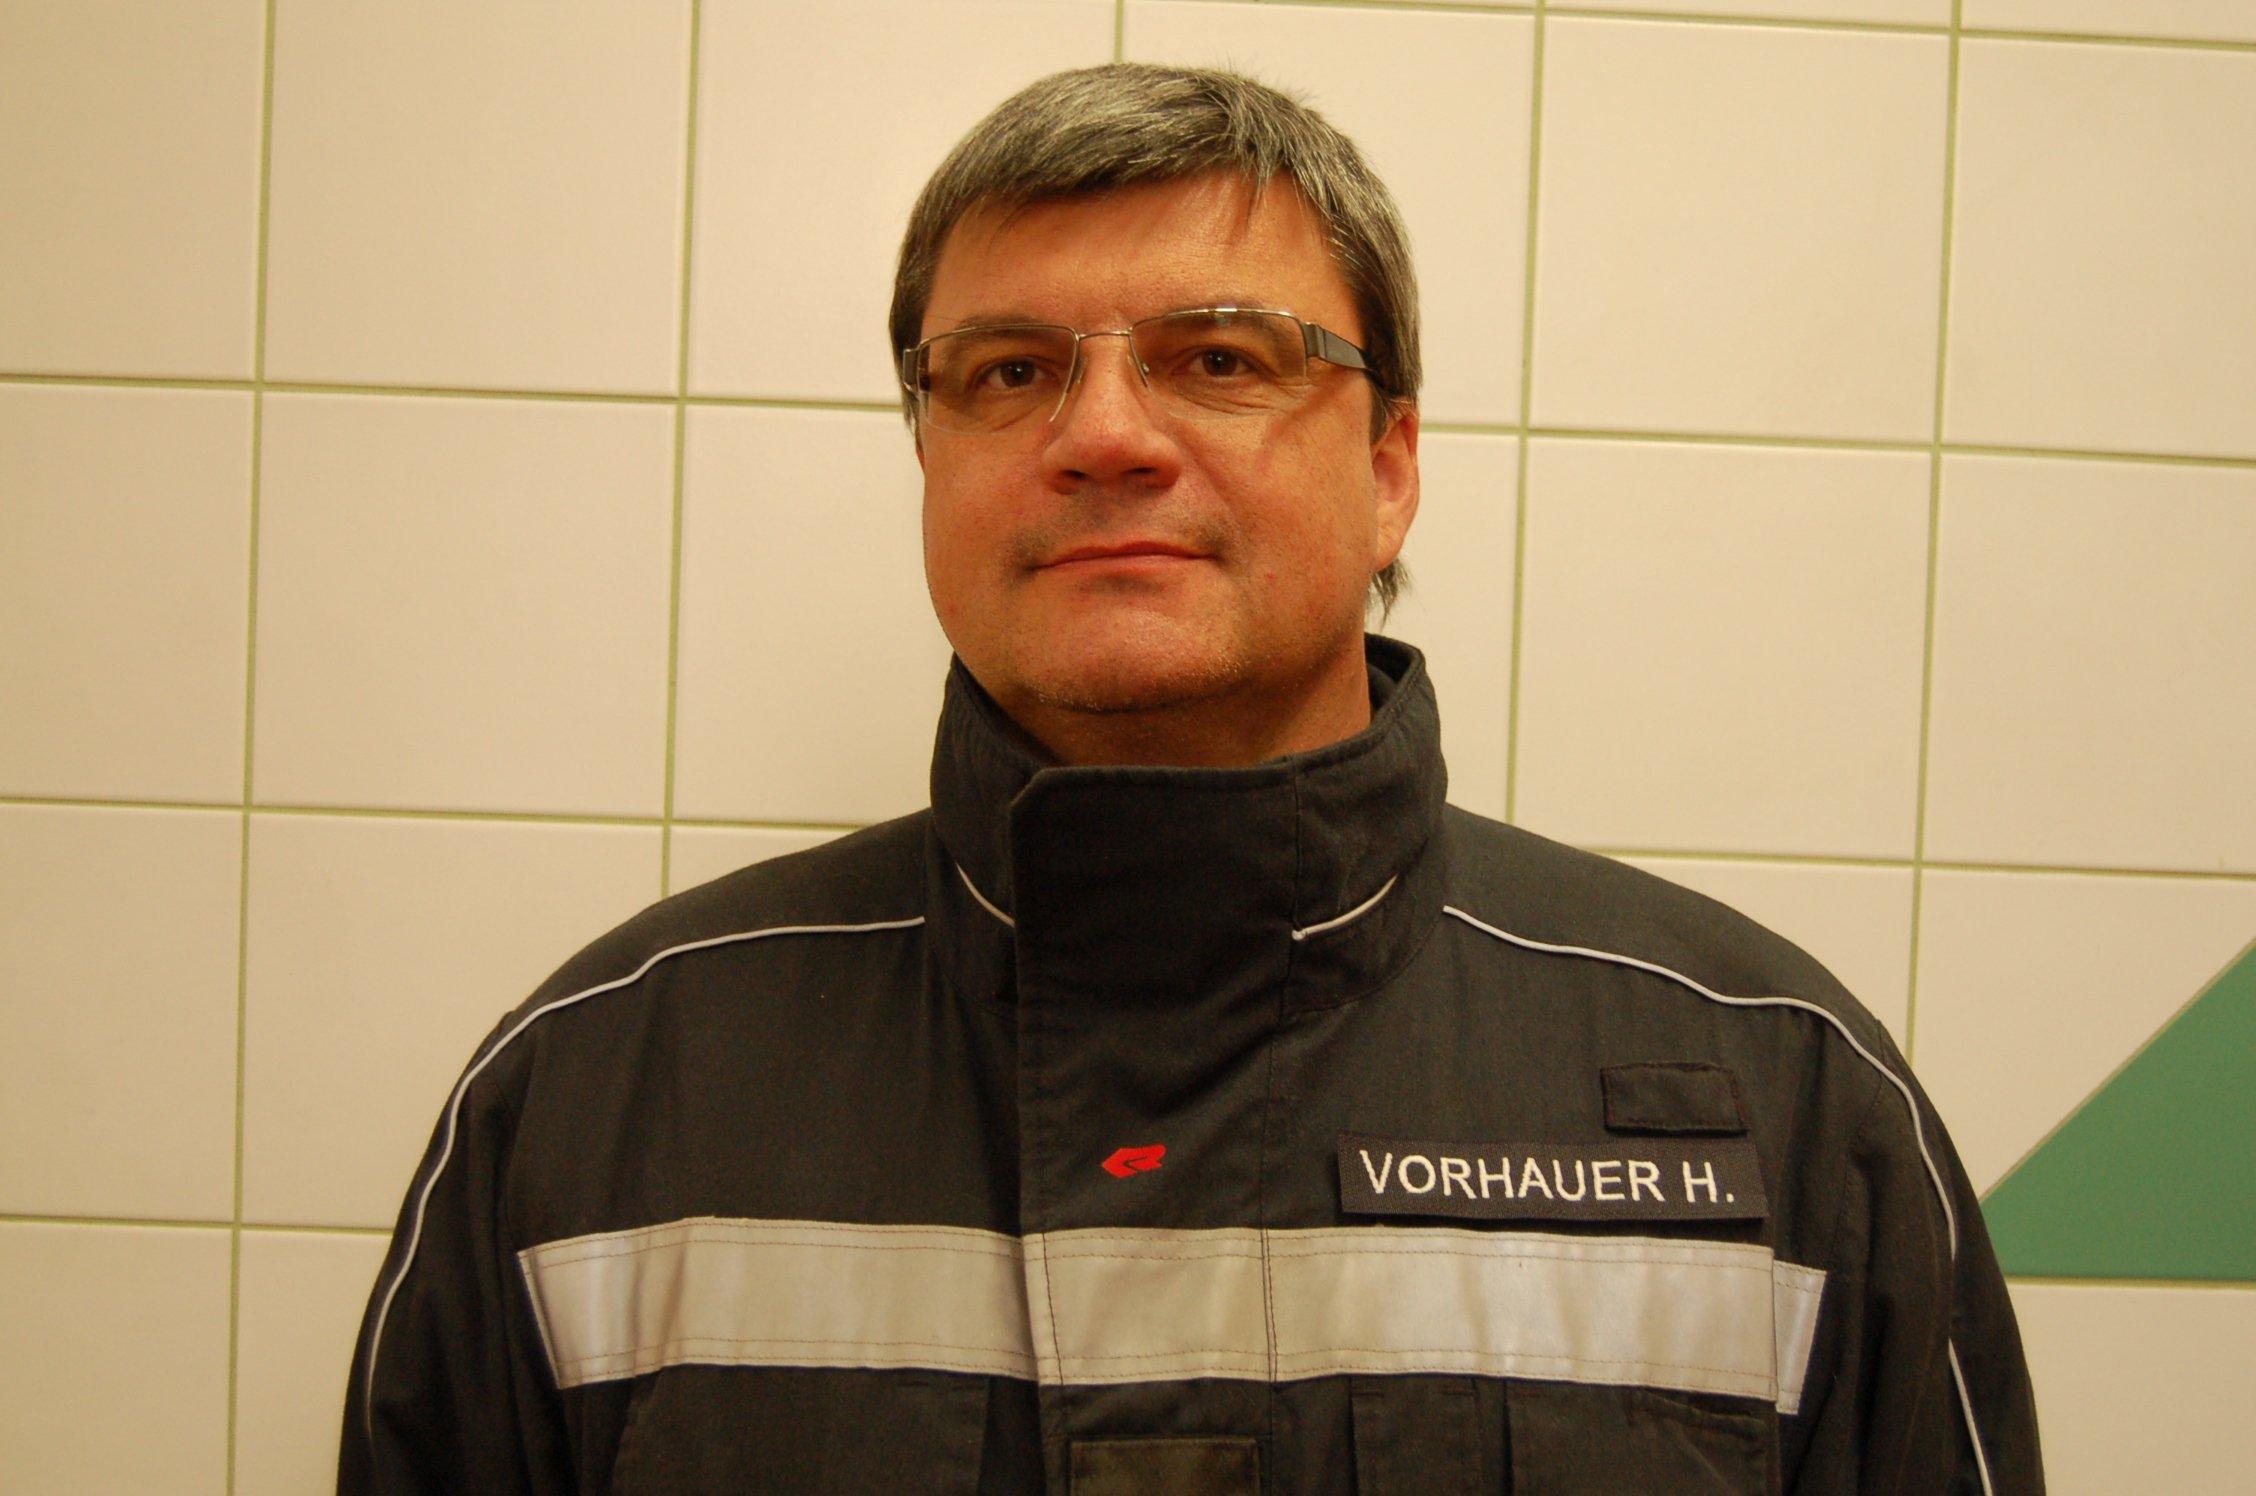 Vorhauer - Hannes Vorhauer